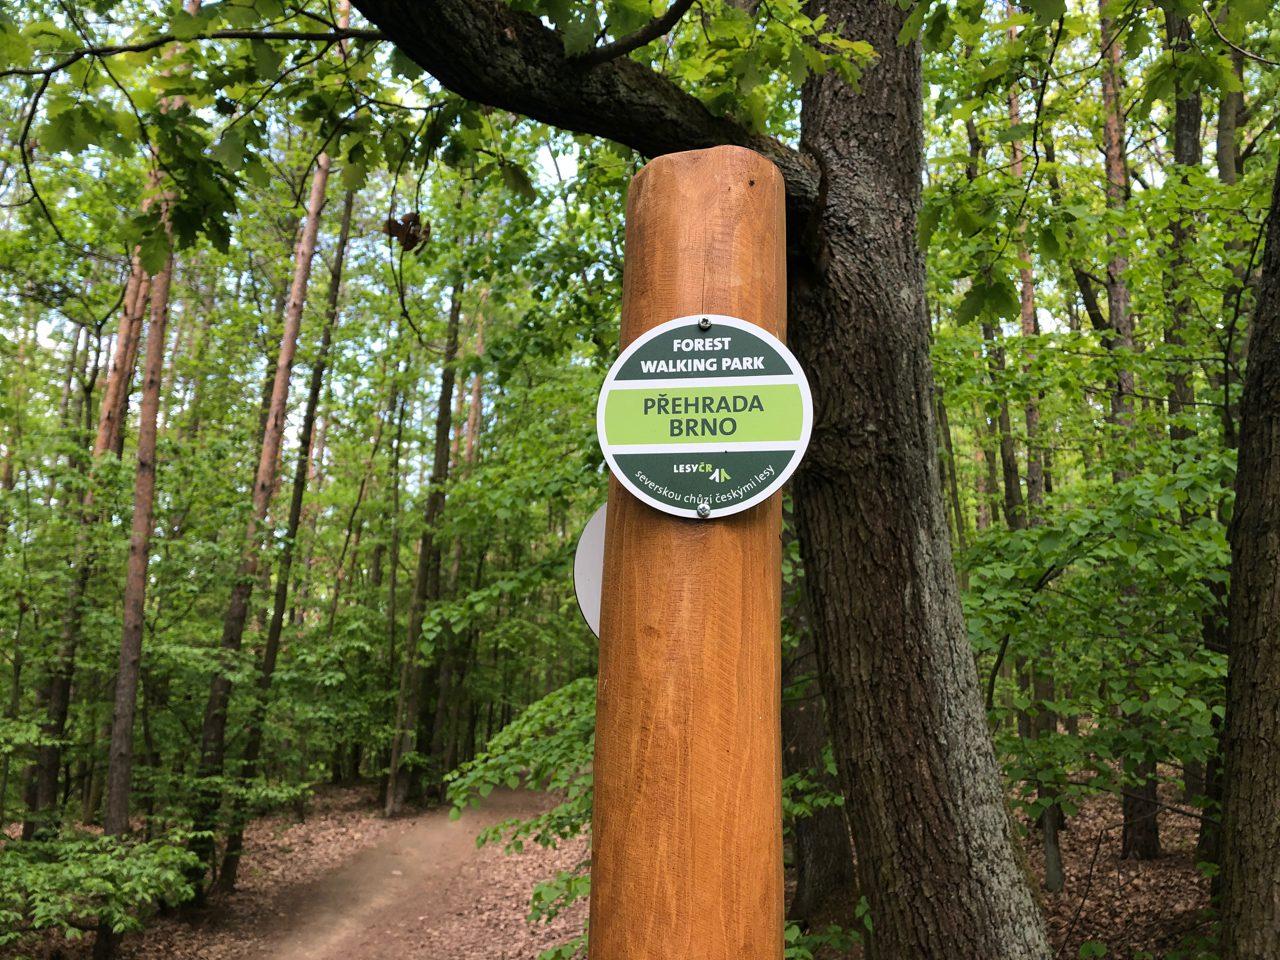 Forest walking park – u Brněnské přehrady